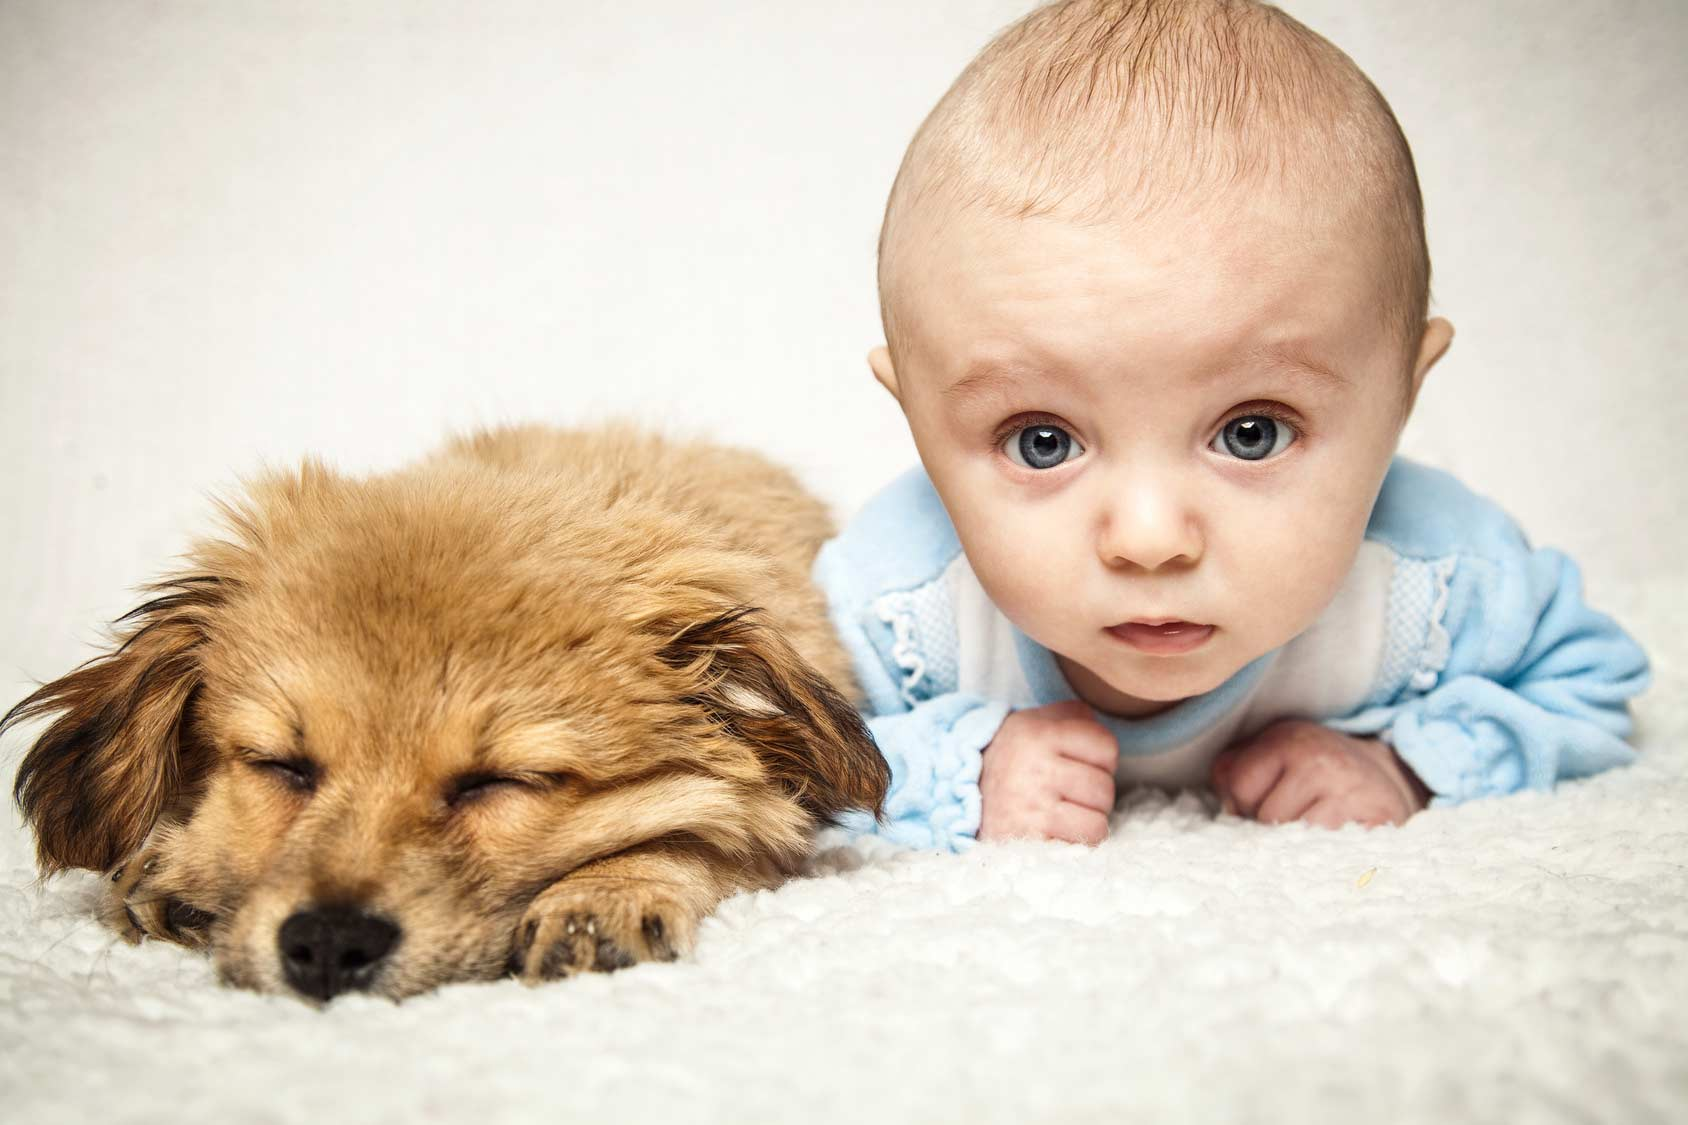 Animaux de compagnie : 7 choses à ne pas dire aux propriétaires de chiens et de chats